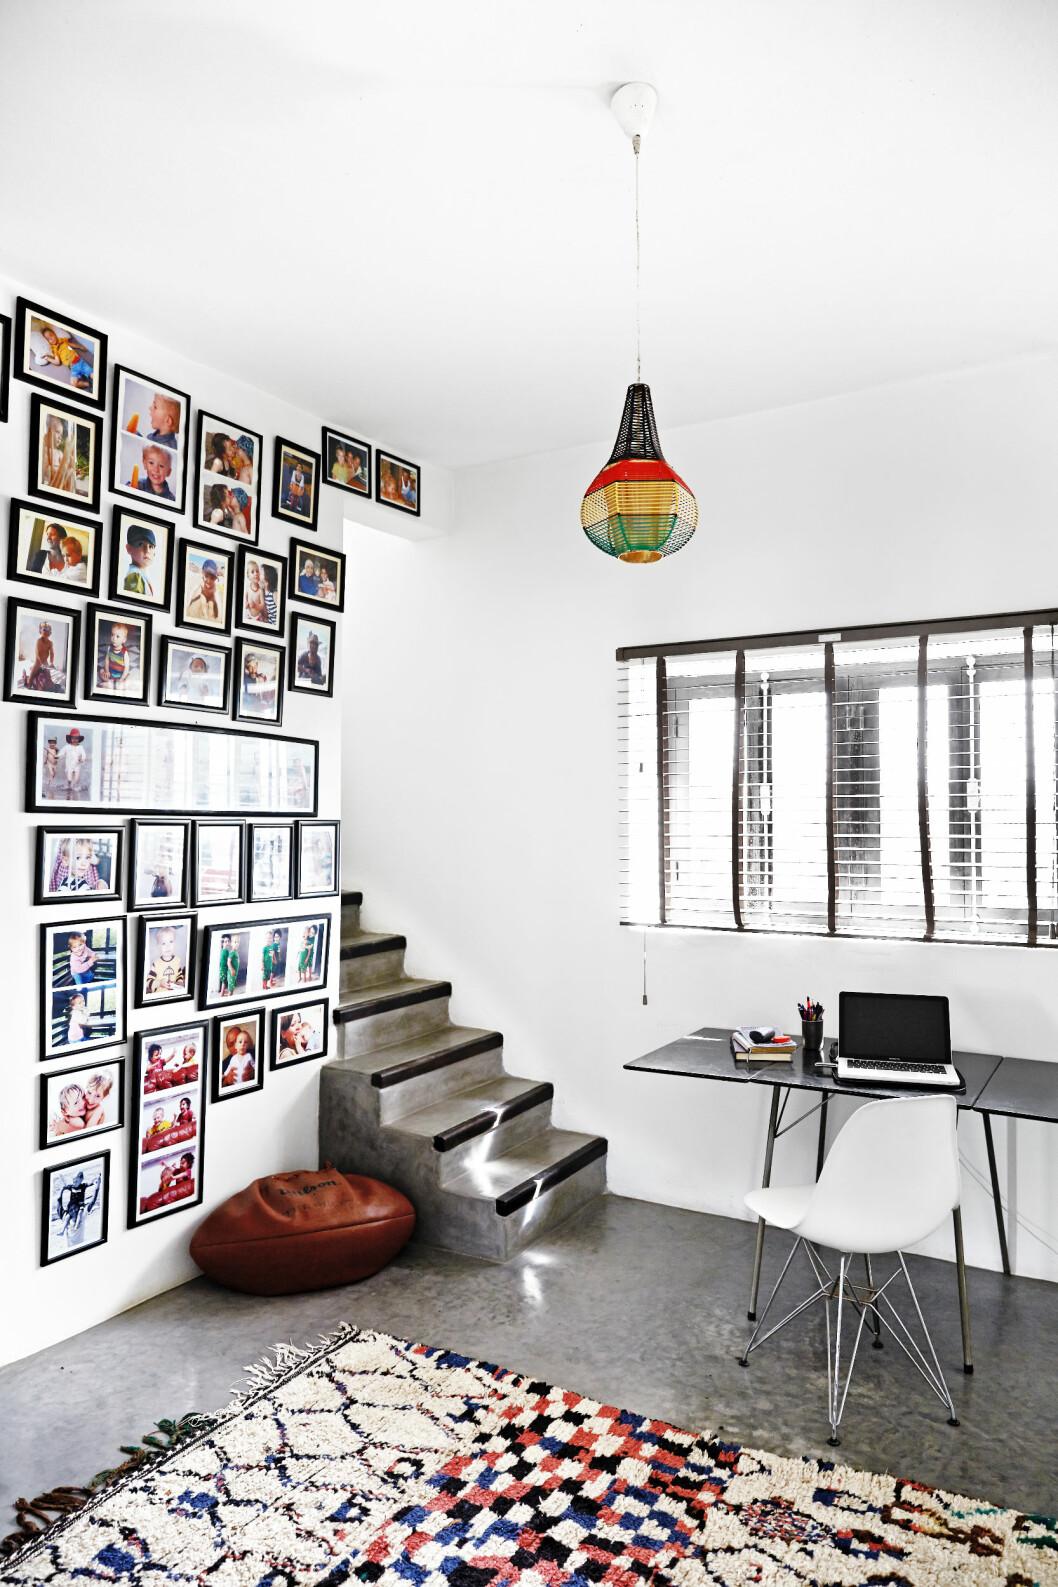 <strong>INSPIRERT AV 50-TALLET:</strong> Interiørstylisten Emma lar seg inspirere av 50-tallet. På gulvet lyser et marokkansk Azilal-teppe opp, fra beldirugs.com. Skrivebordet er designet av danske Arne Jacobsen. Stolen er en Eames-klassiker. I midten av kontoret henger en 50-tallslampe i farget plast. Den er funnet på loppemarked i Marrakech, i likhet med stålampen med tre lampeskjermer. Den  lille trappen fører opp til en takterrasse, som ikke er helt ferdig enda.   Foto: Birgitta Wolfgang Dreyer